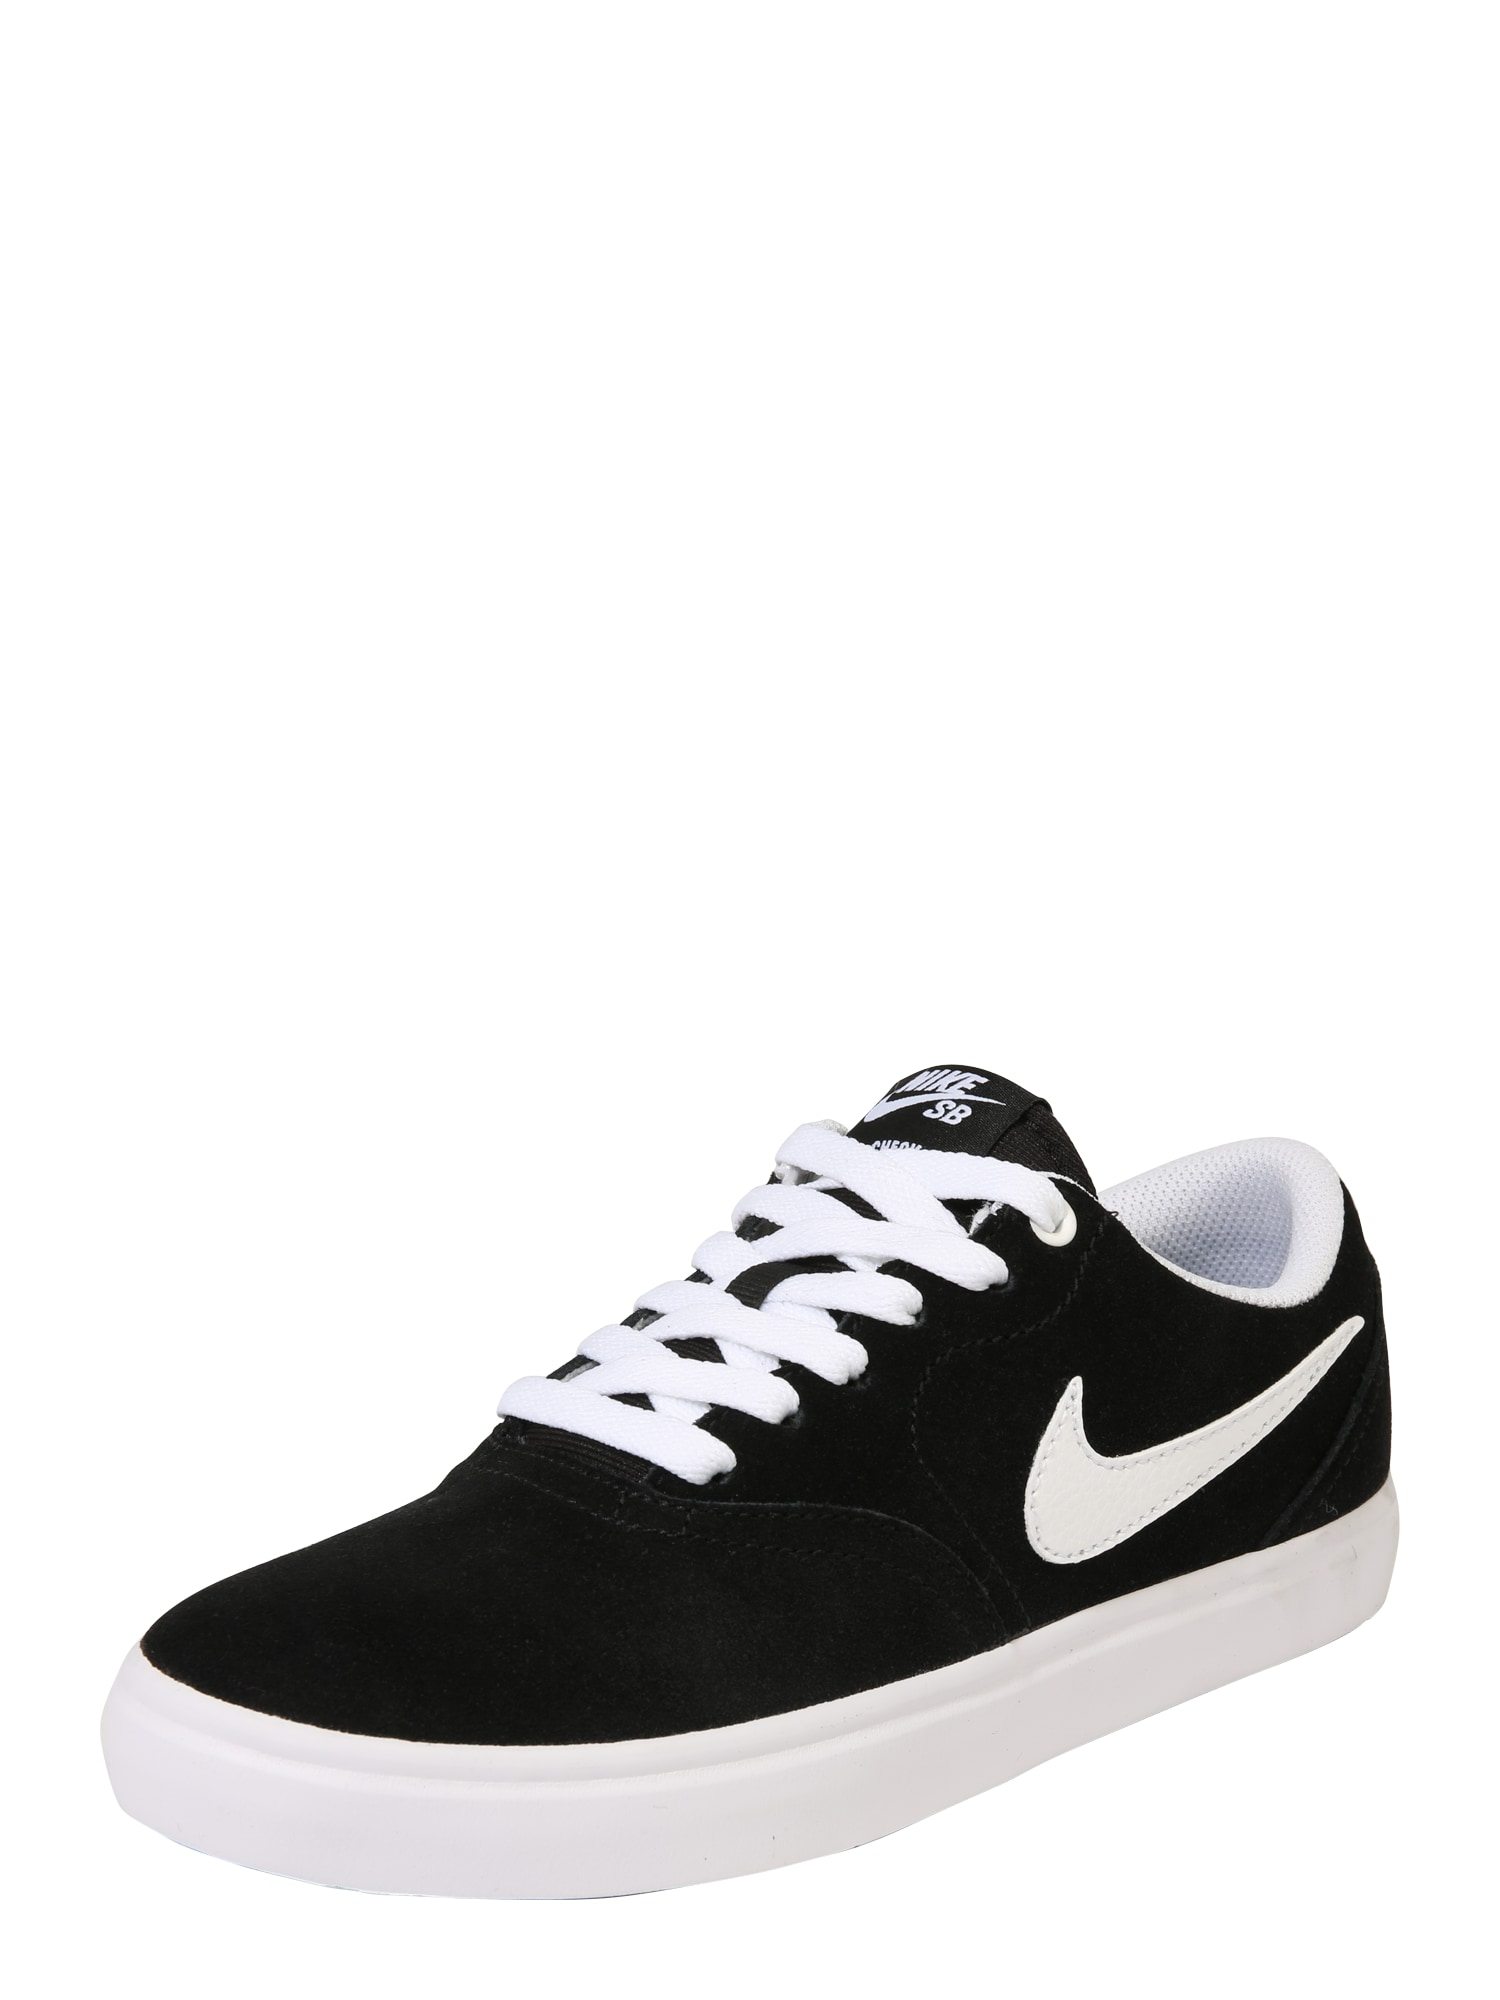 Tenisky Check Solar černá bílá Nike SB